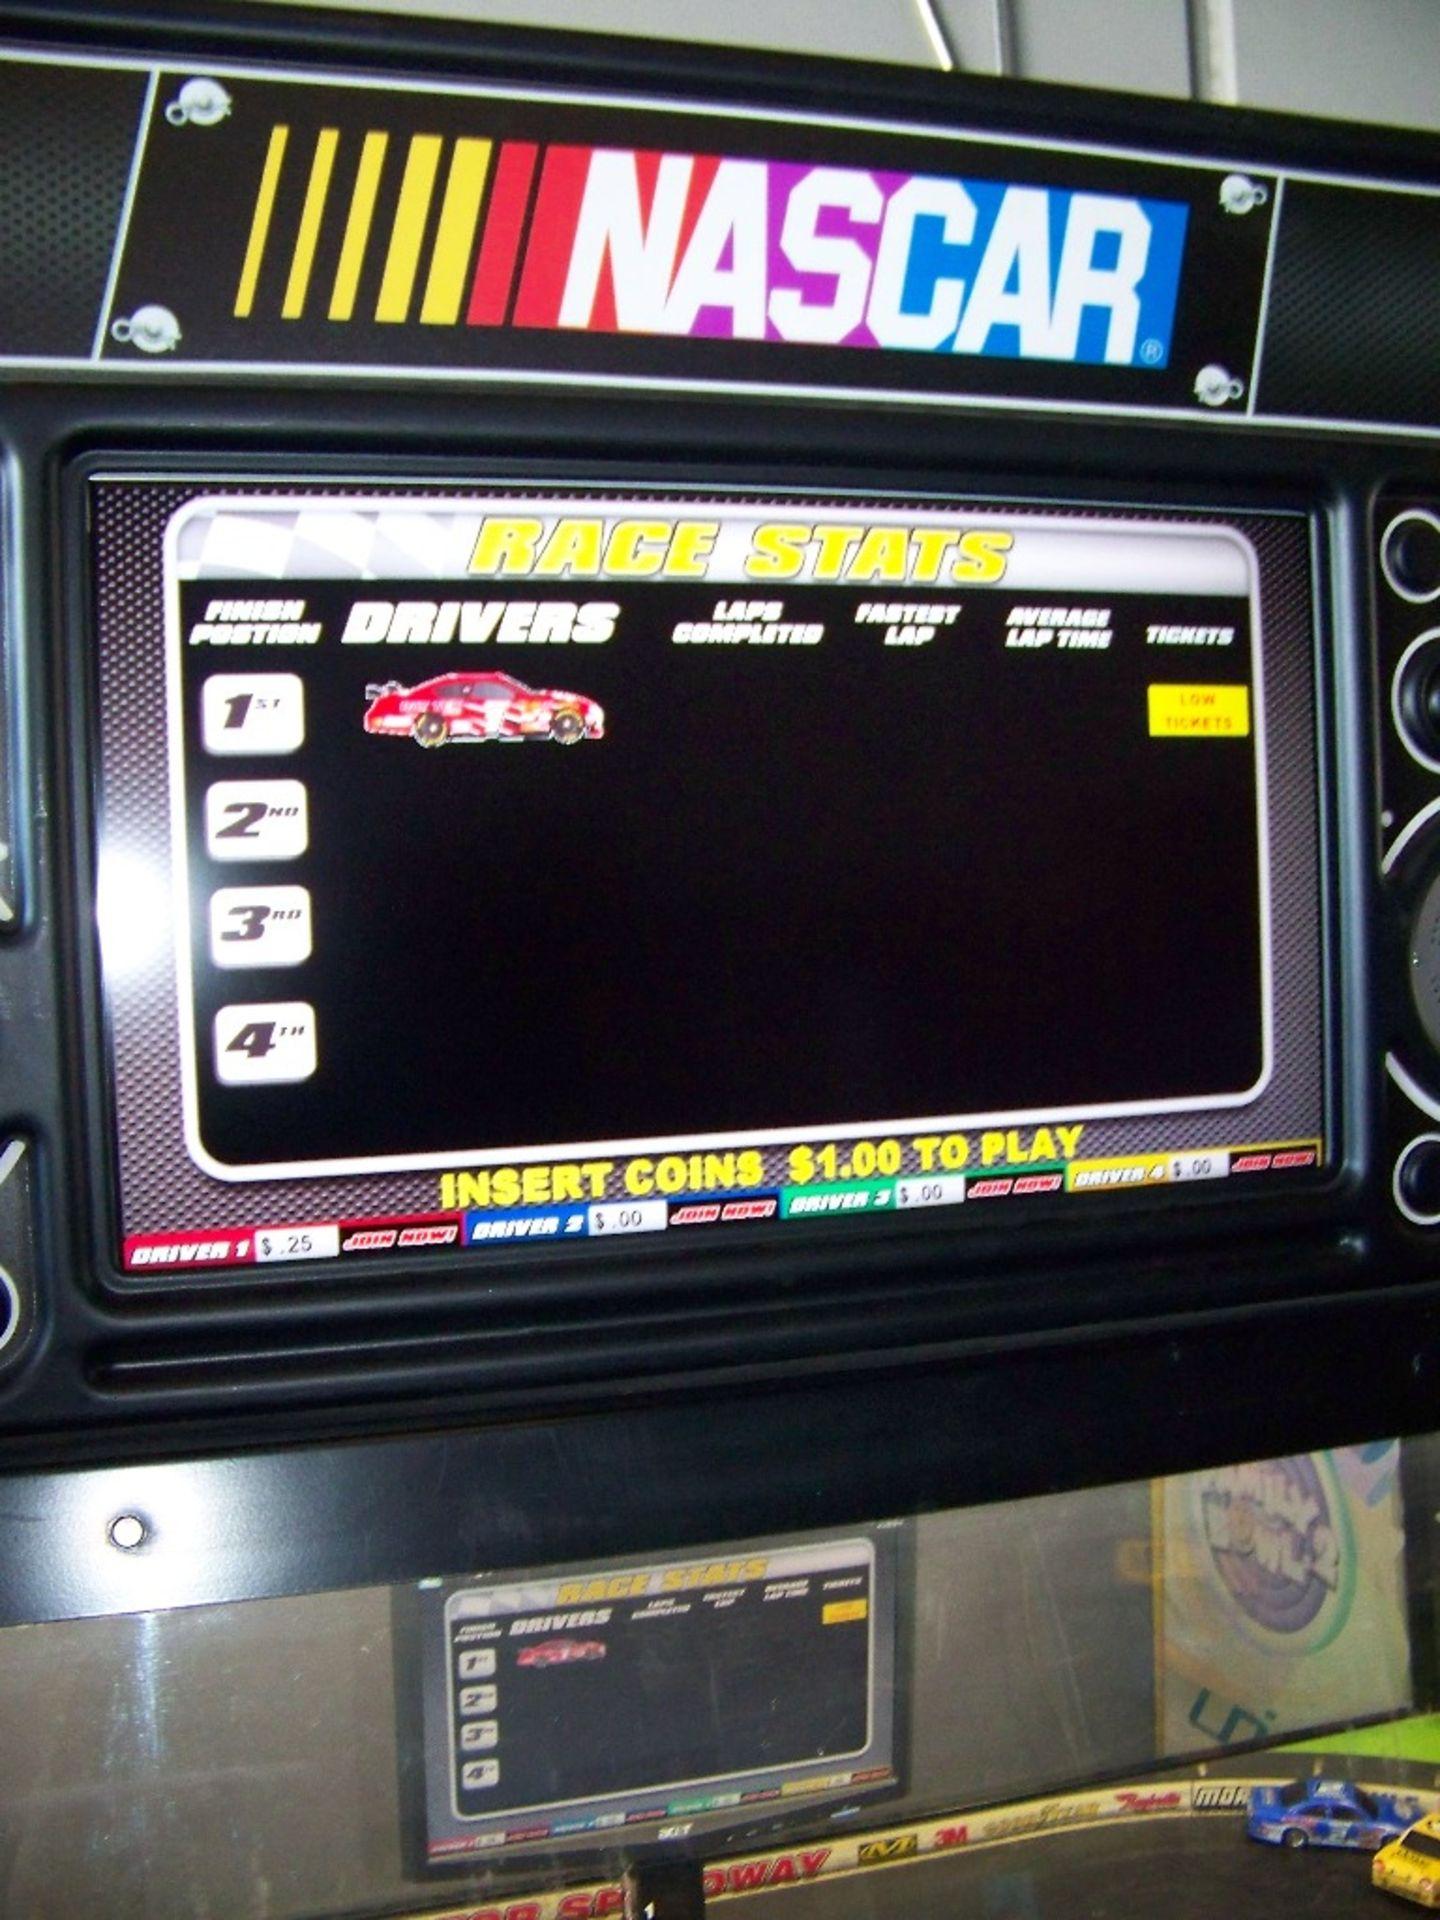 SHOWDOWN 4 PLAYER TICKET REDEMPTION GAME BAYTEK - Image 8 of 12